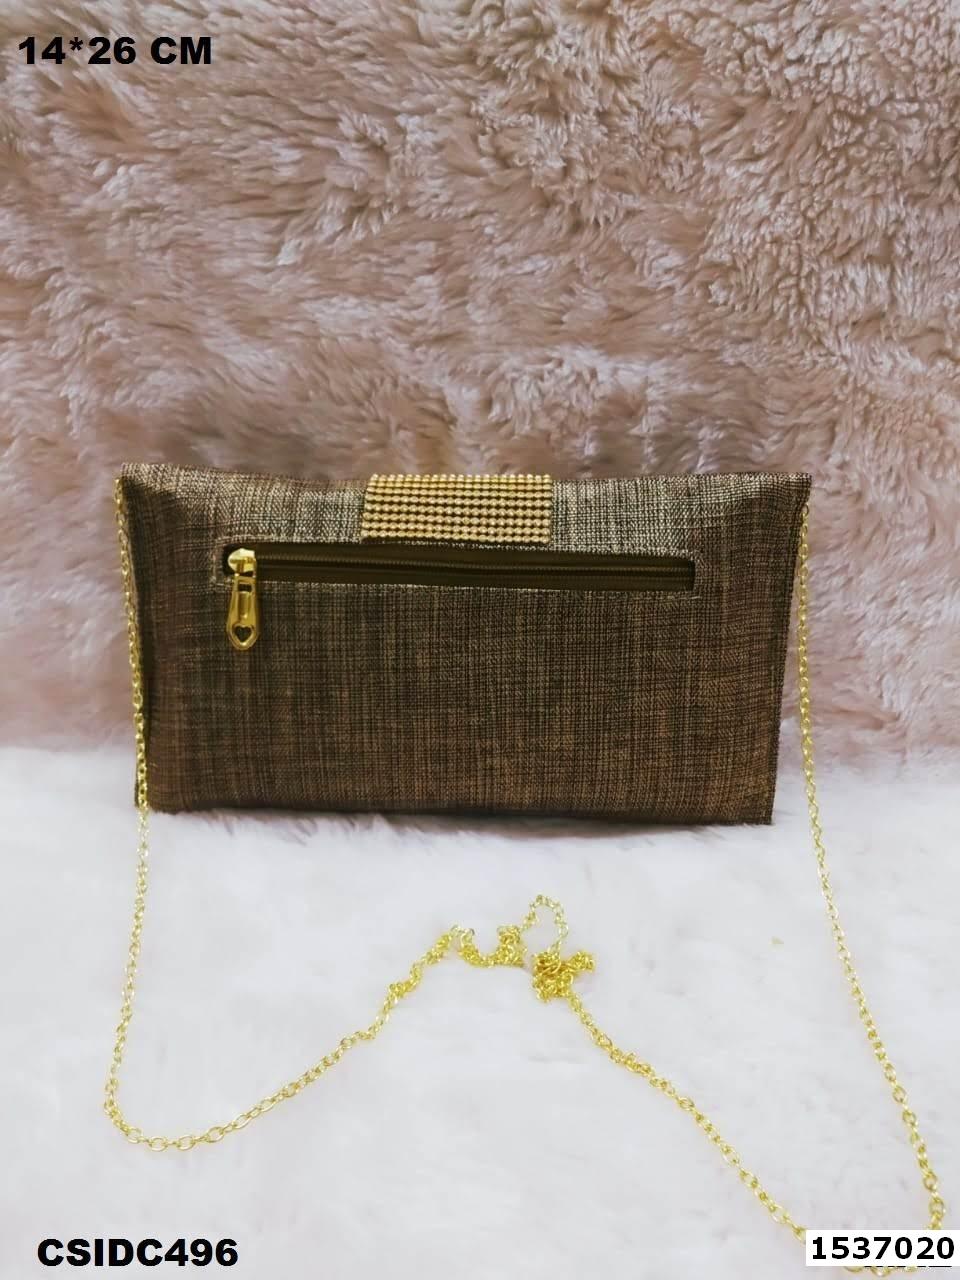 Jute Ethnic Clutch Bag